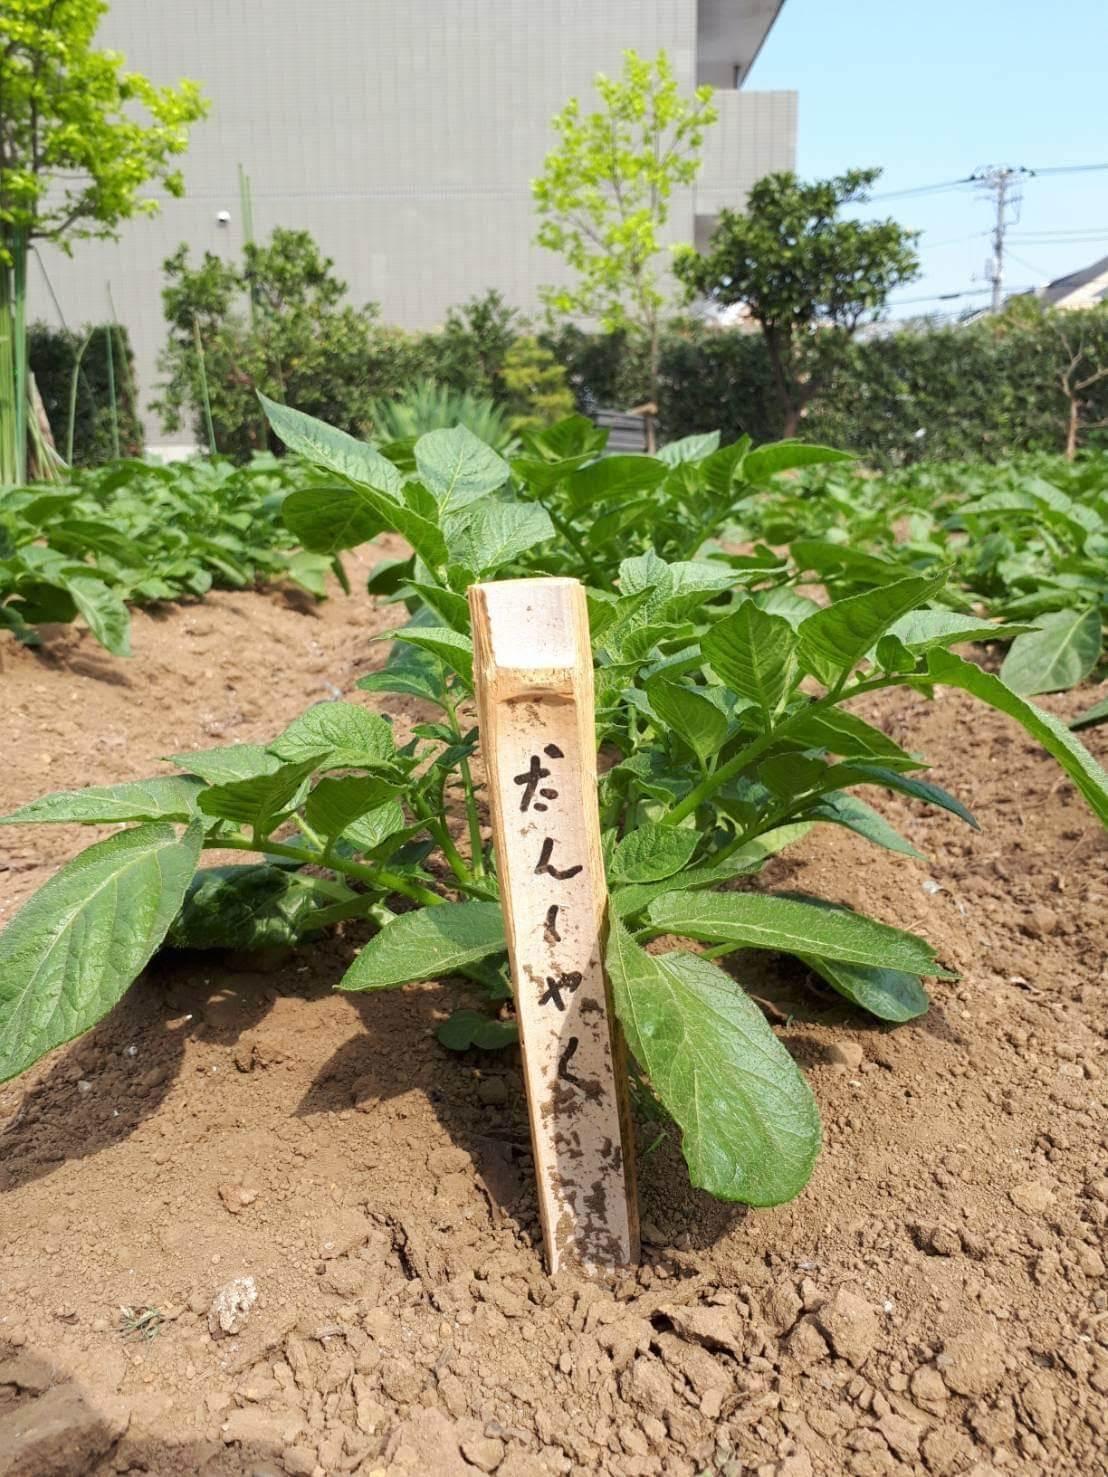 2019年4月28日(日)みんなの畑・かわべ農園~なつやさいの苗植え~_c0091679_10323653.jpg